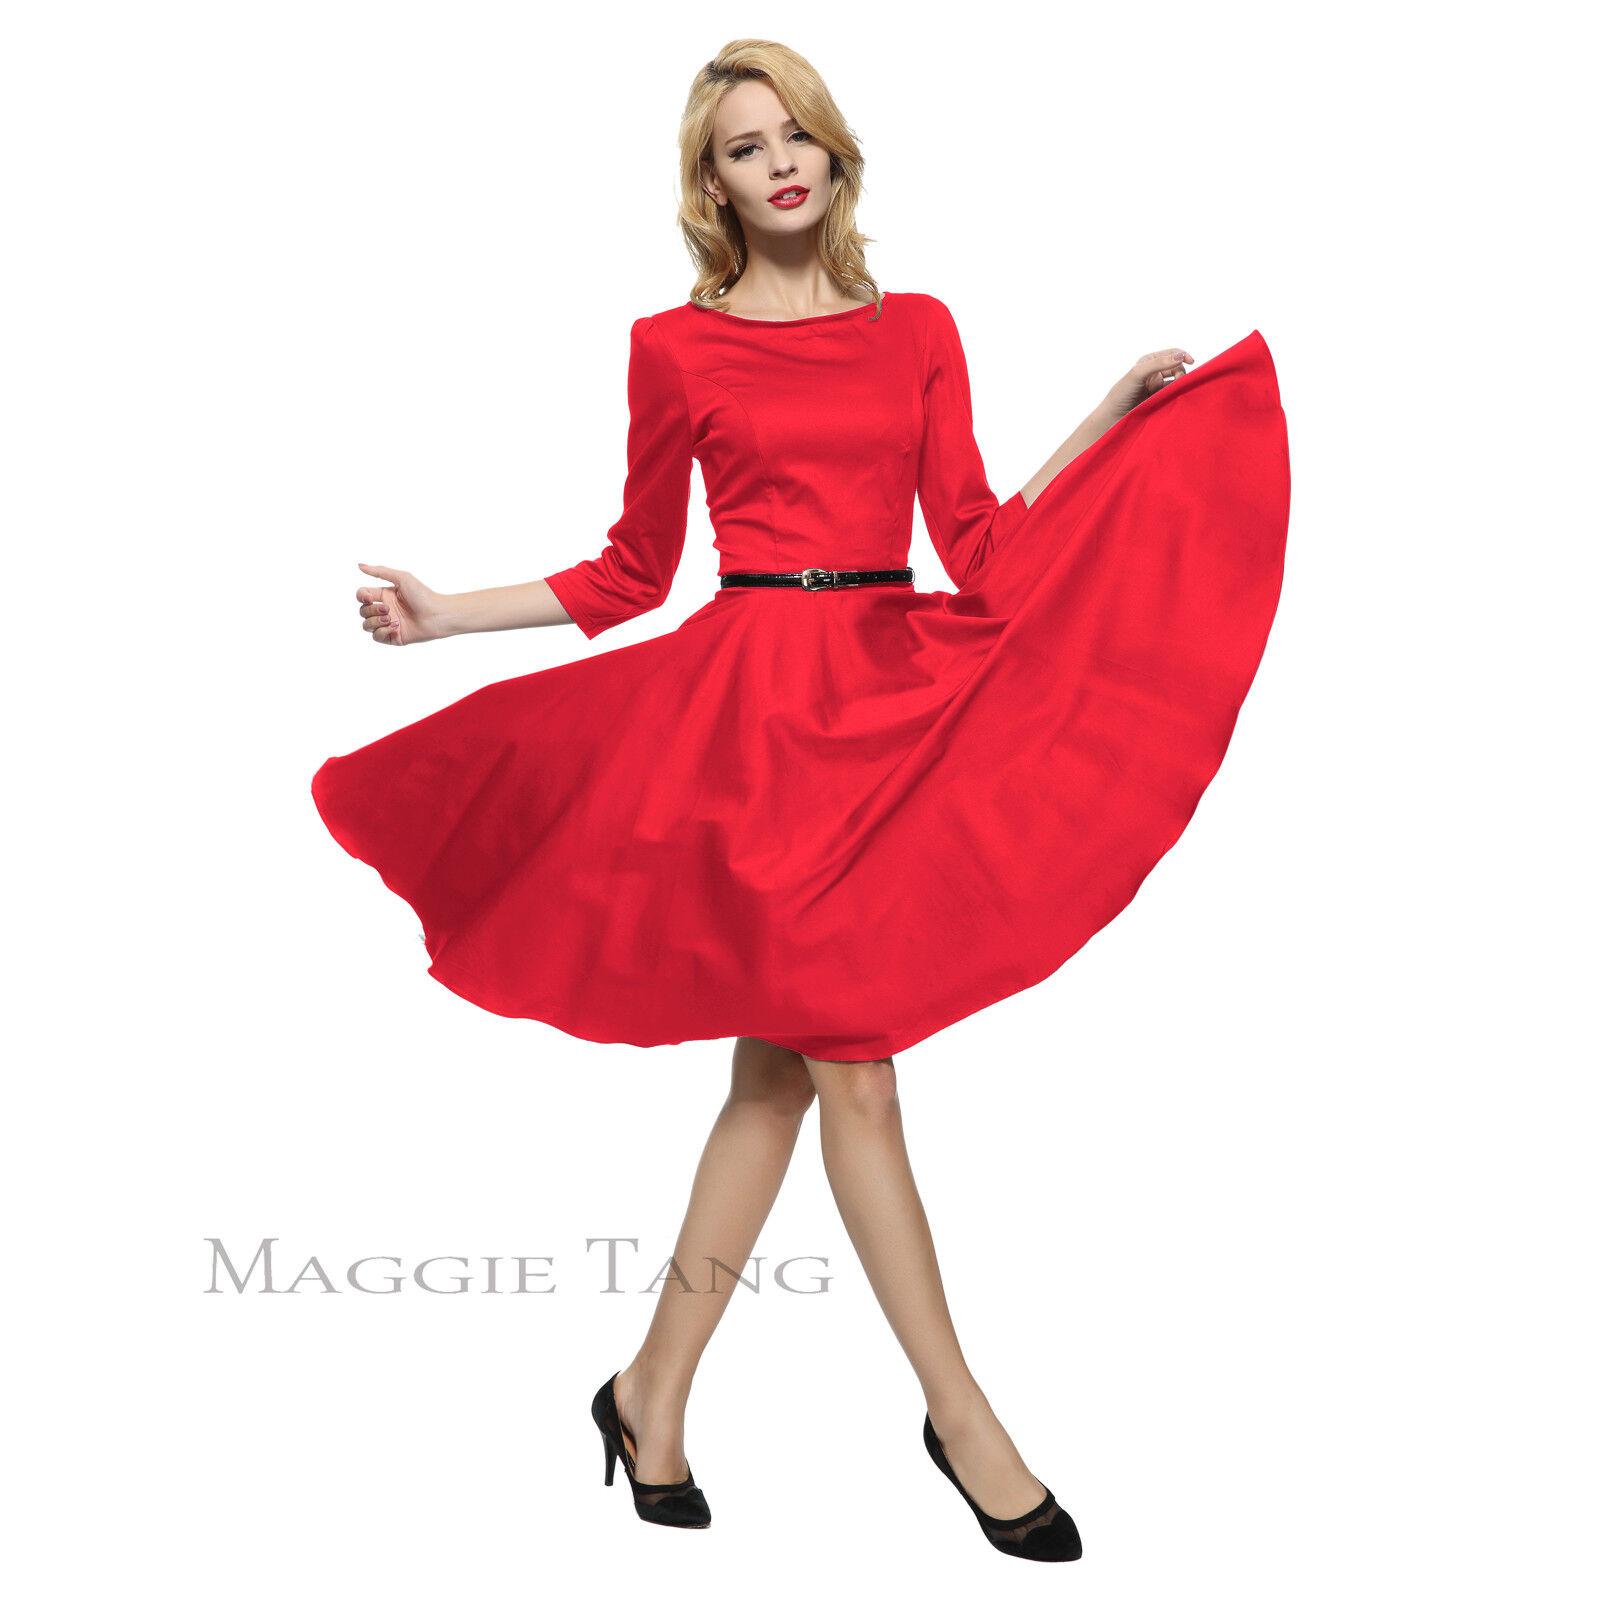 3f7c191a4264 Details about Maggie Tang 50s VTG Retro Hepburn One Shoulder Rockabilly  Swing Dress K-551